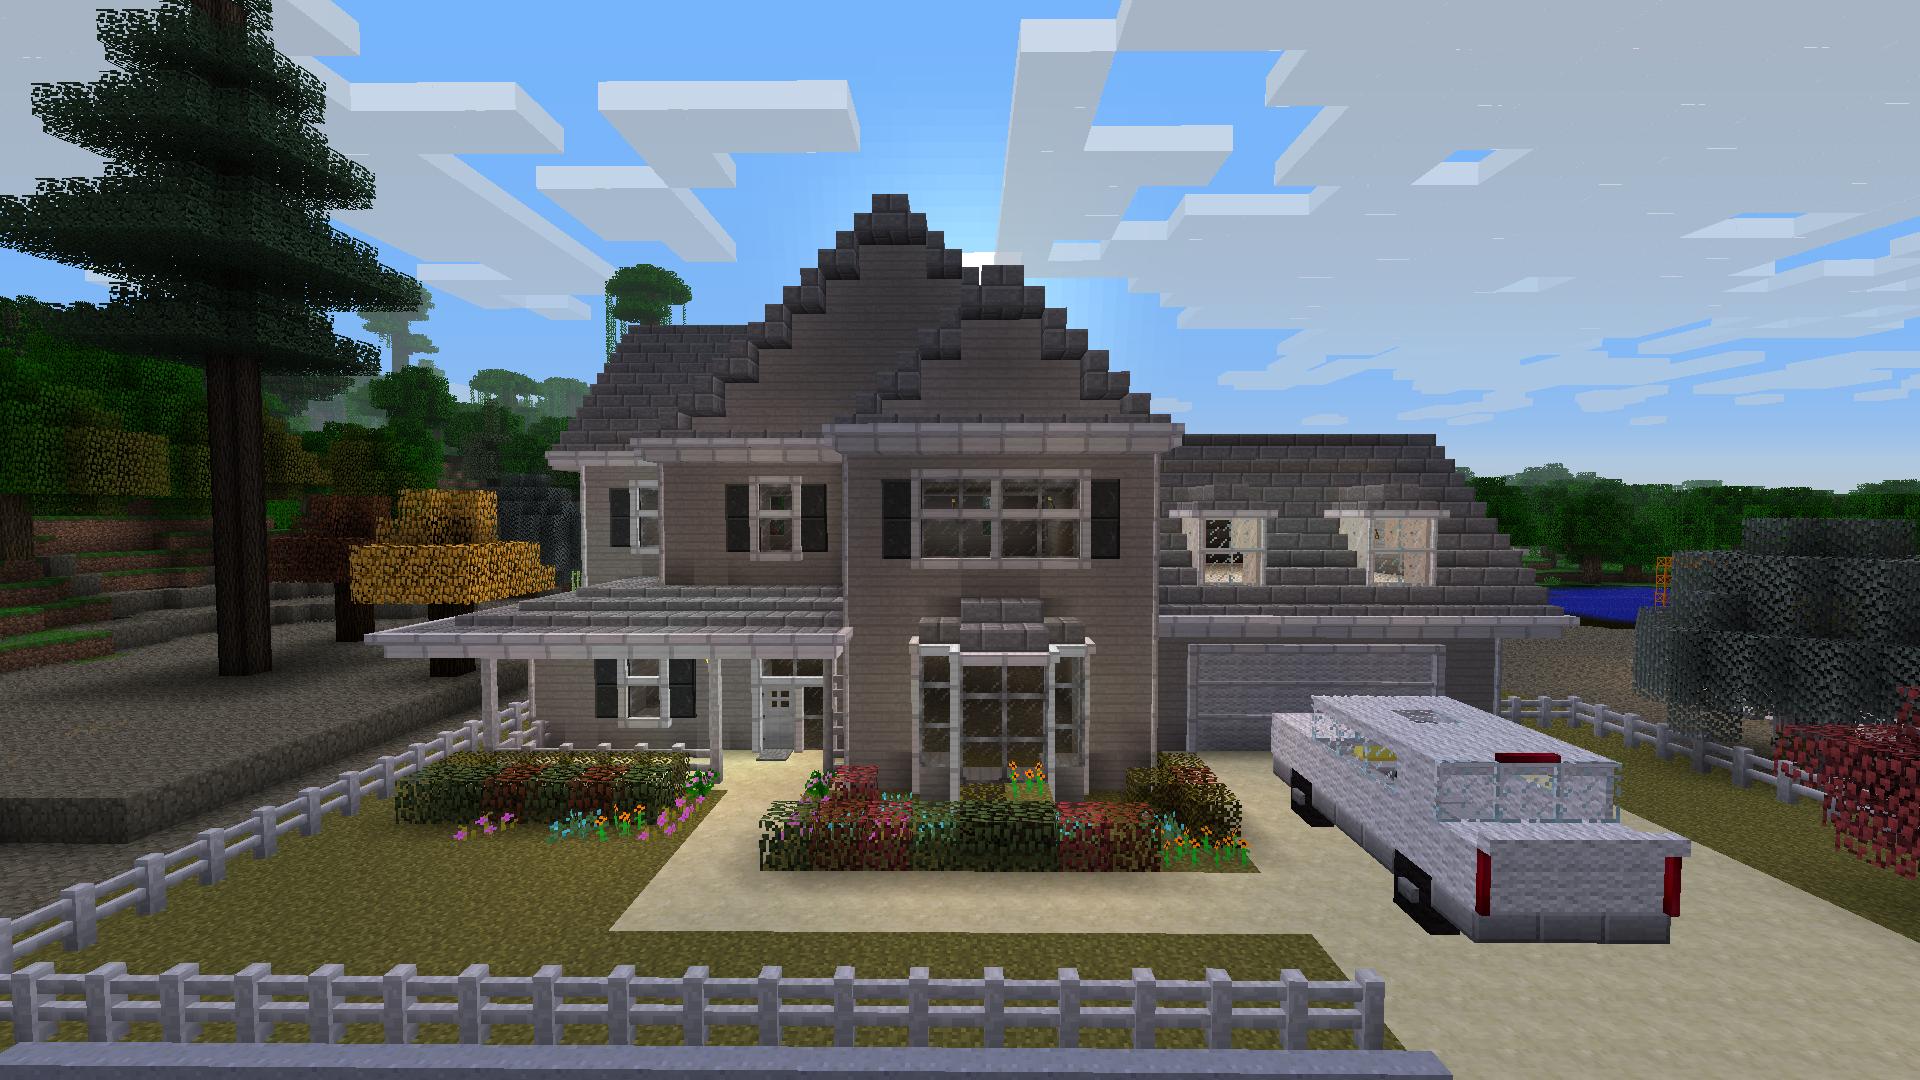 minecraft mansion layout ideas